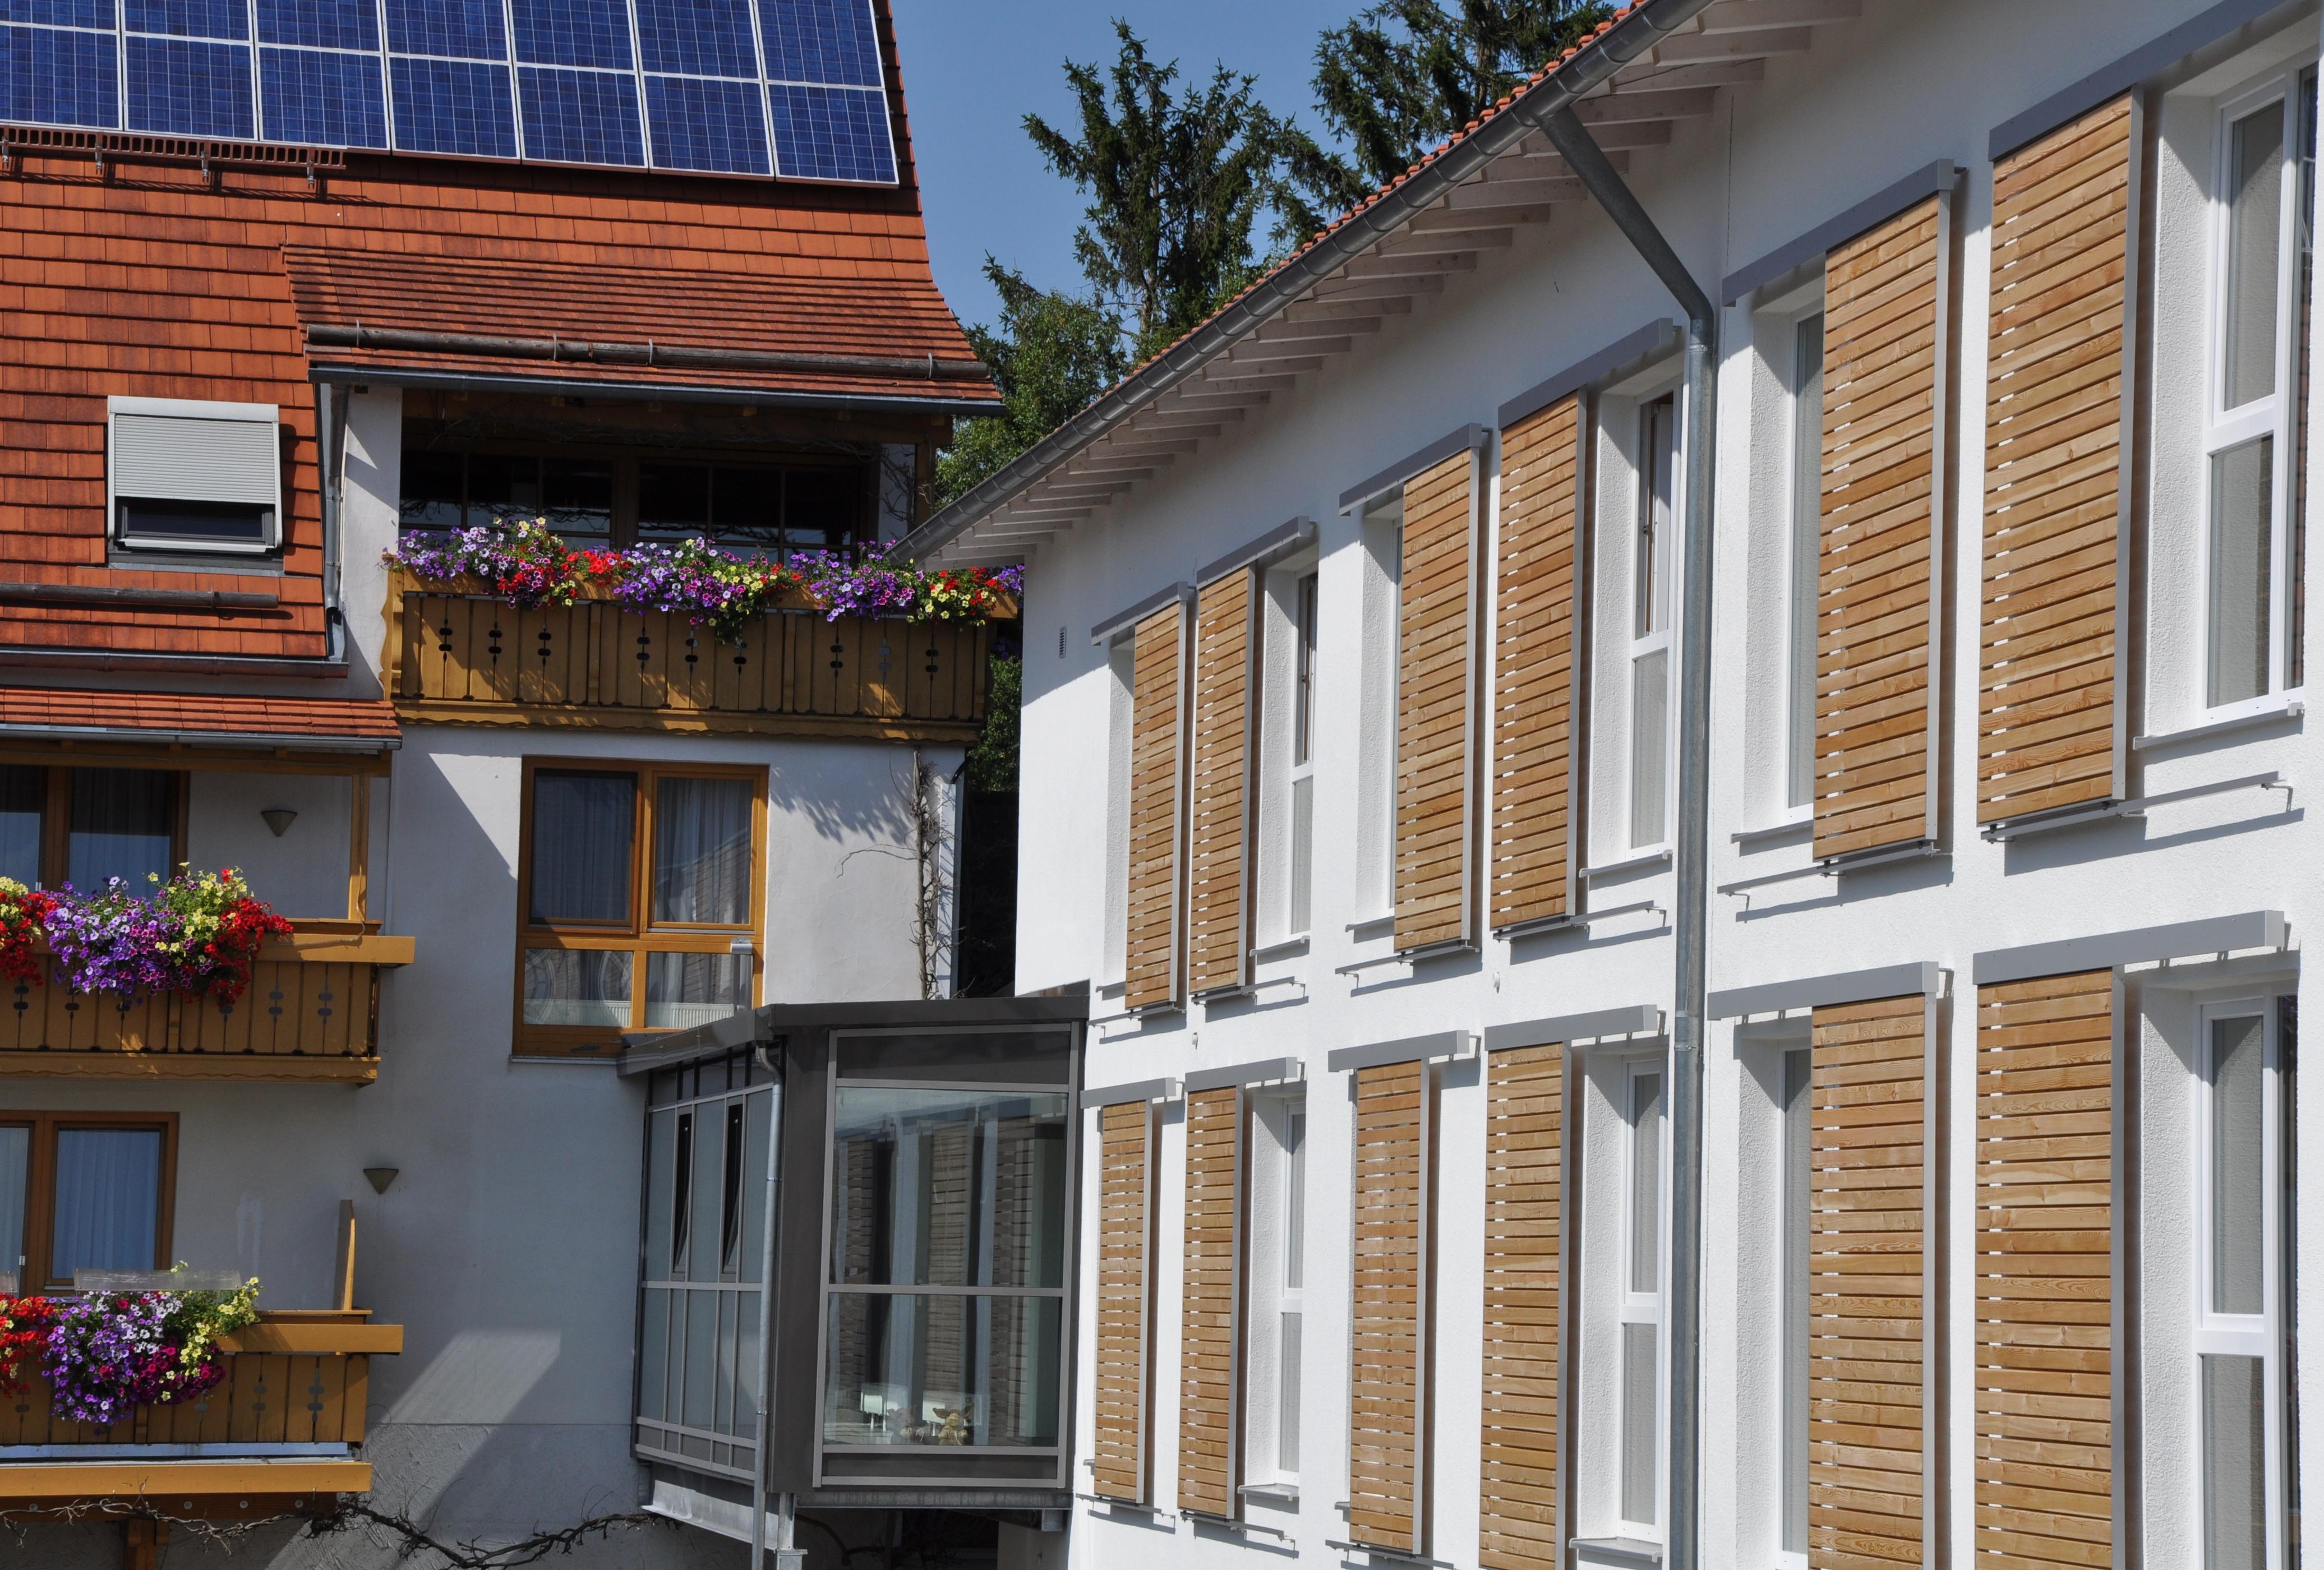 Schiebeläden Sonnenschutz Für Fenster Türen Dkl